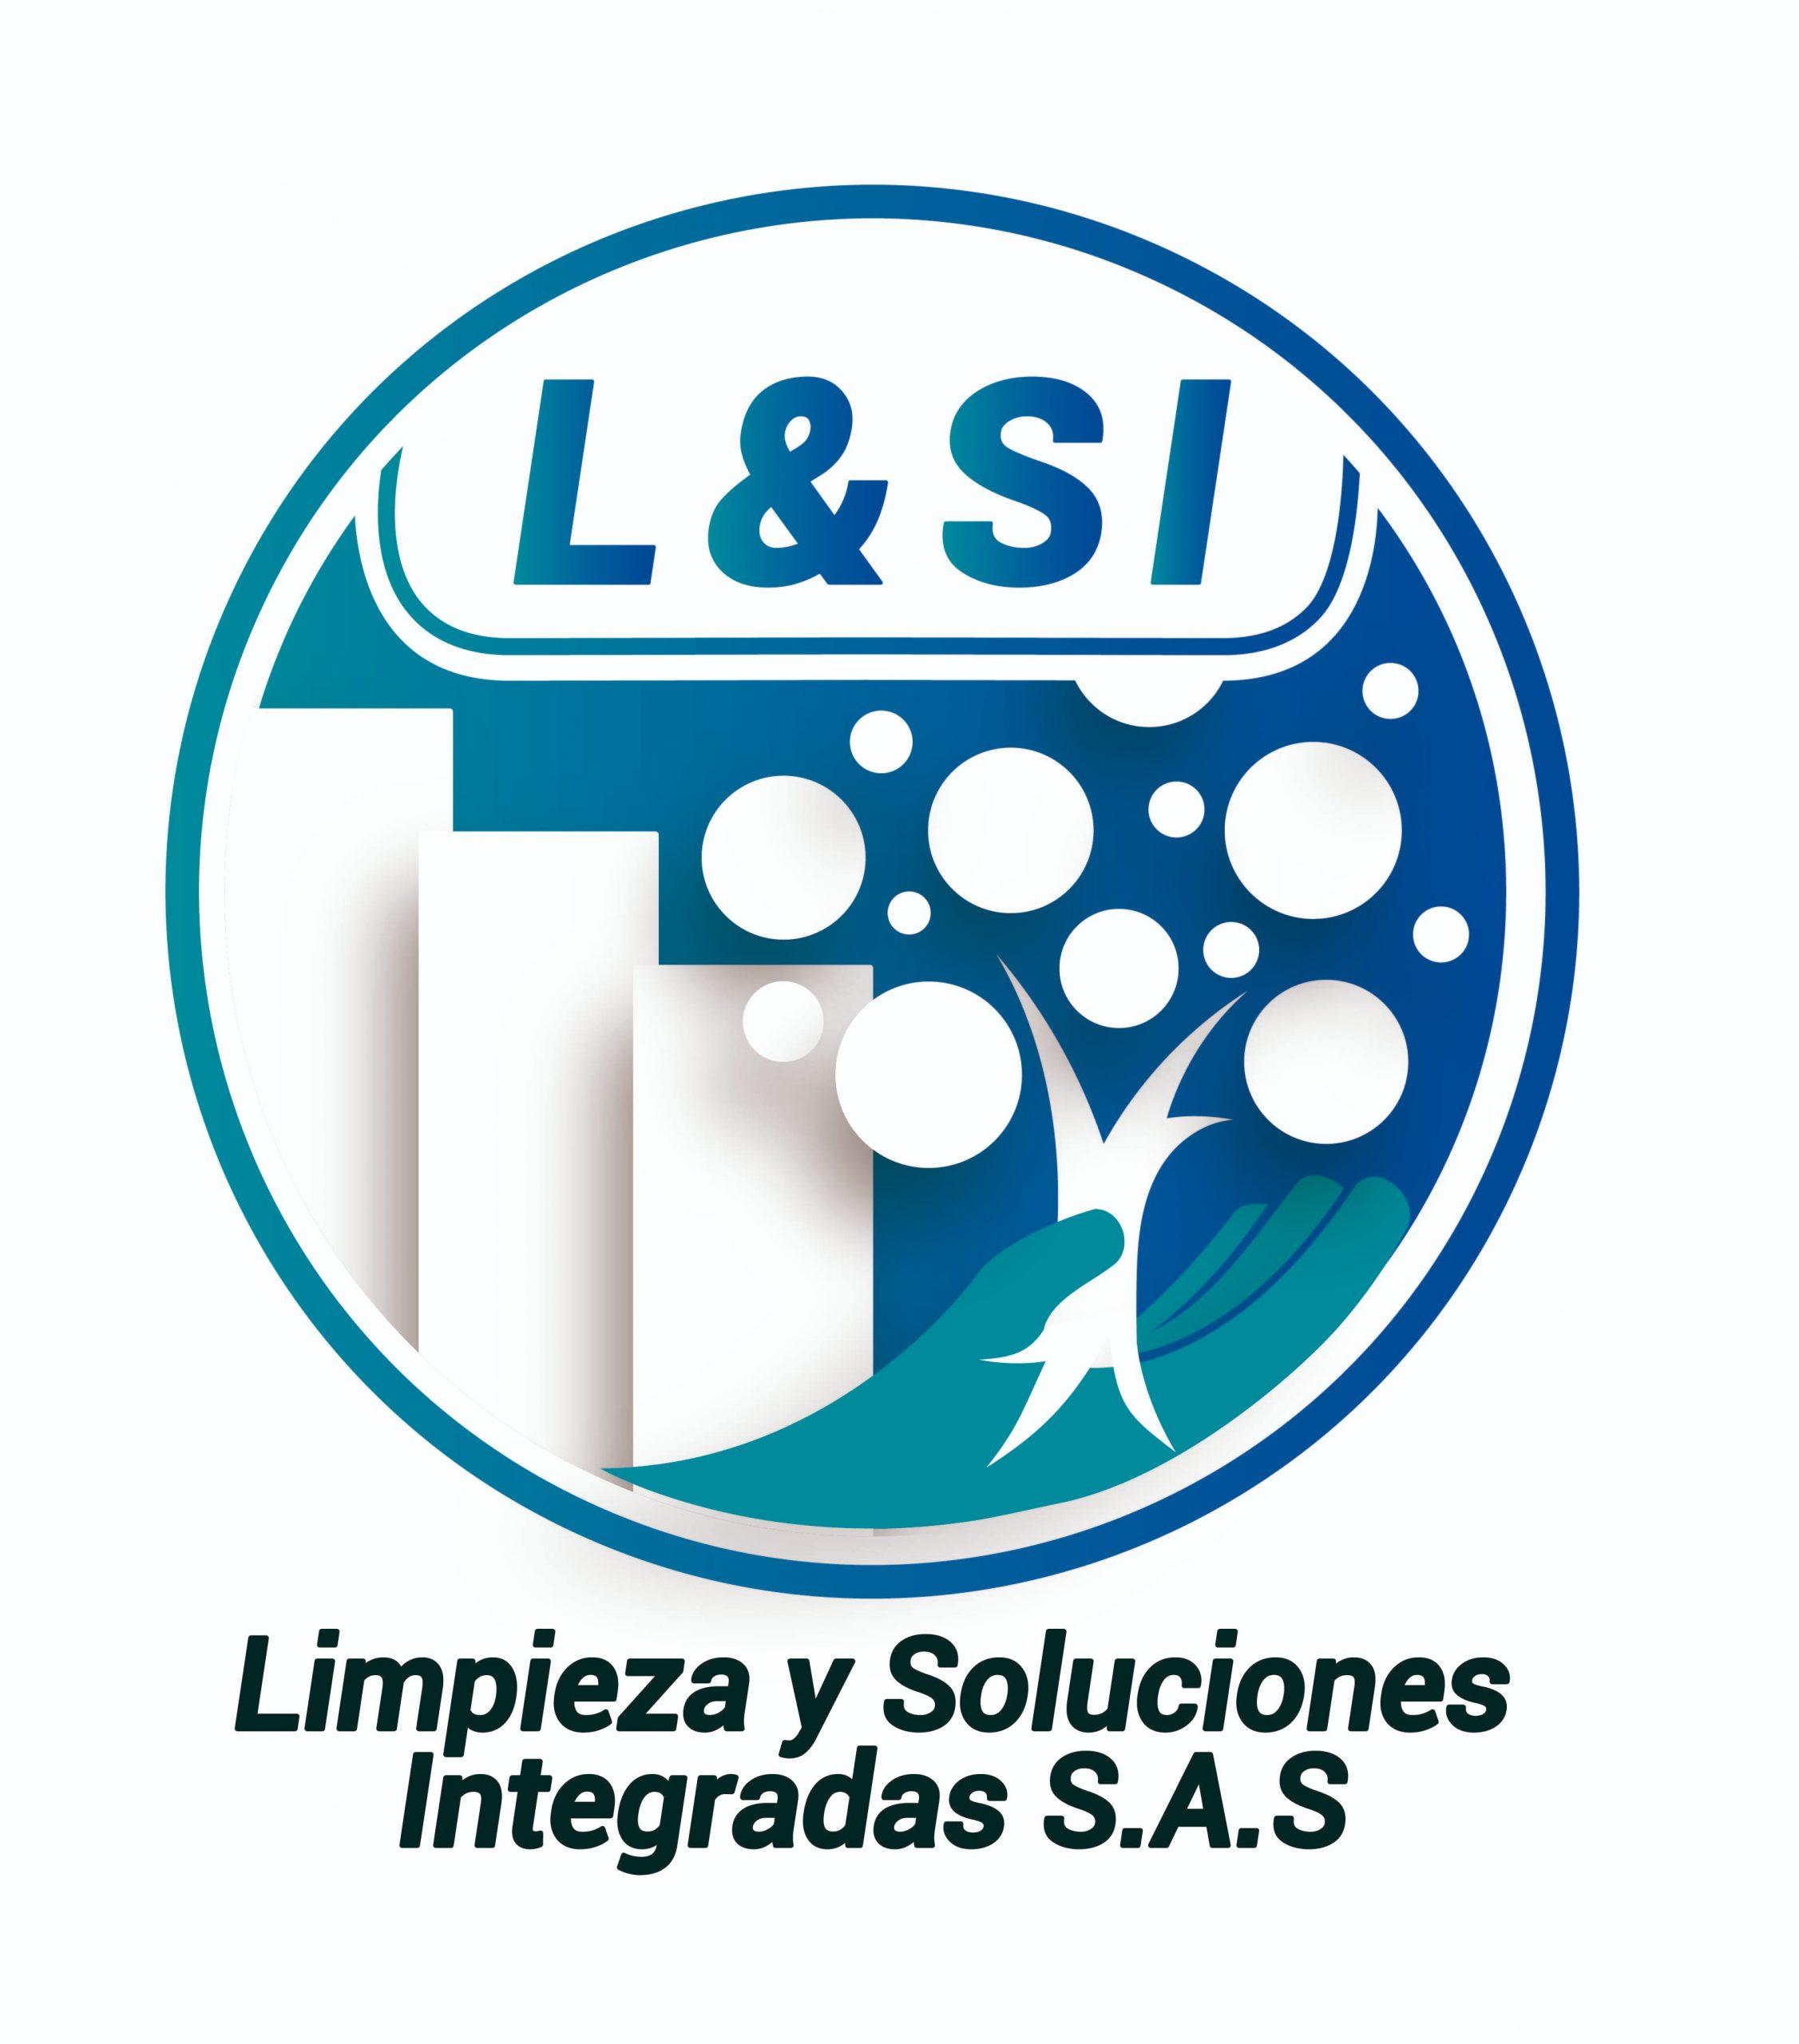 Limpieza y Soluciones Integradas SAS